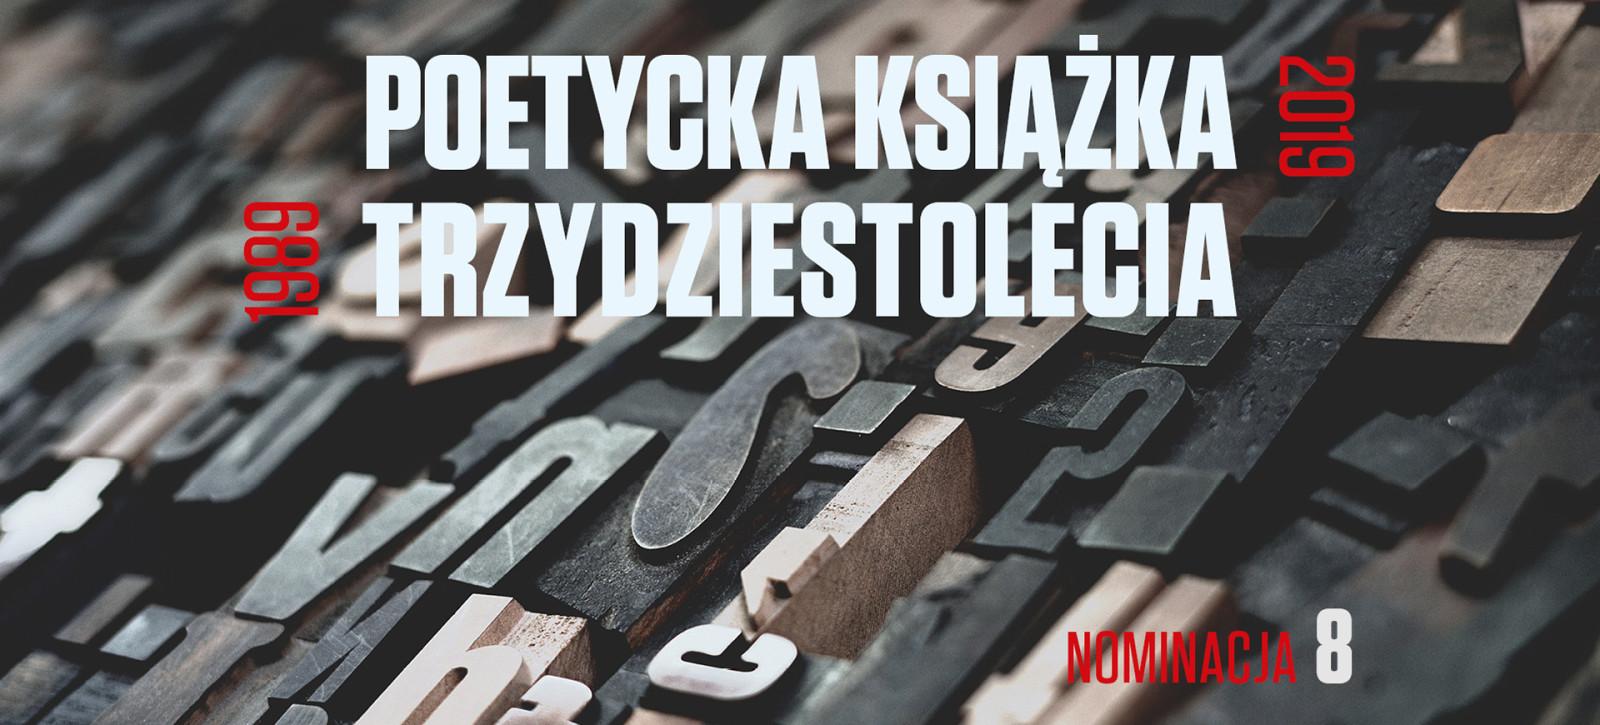 15_DEBATY__Paweł KACZMARSKI__Poetycka książka trzydziestolecia